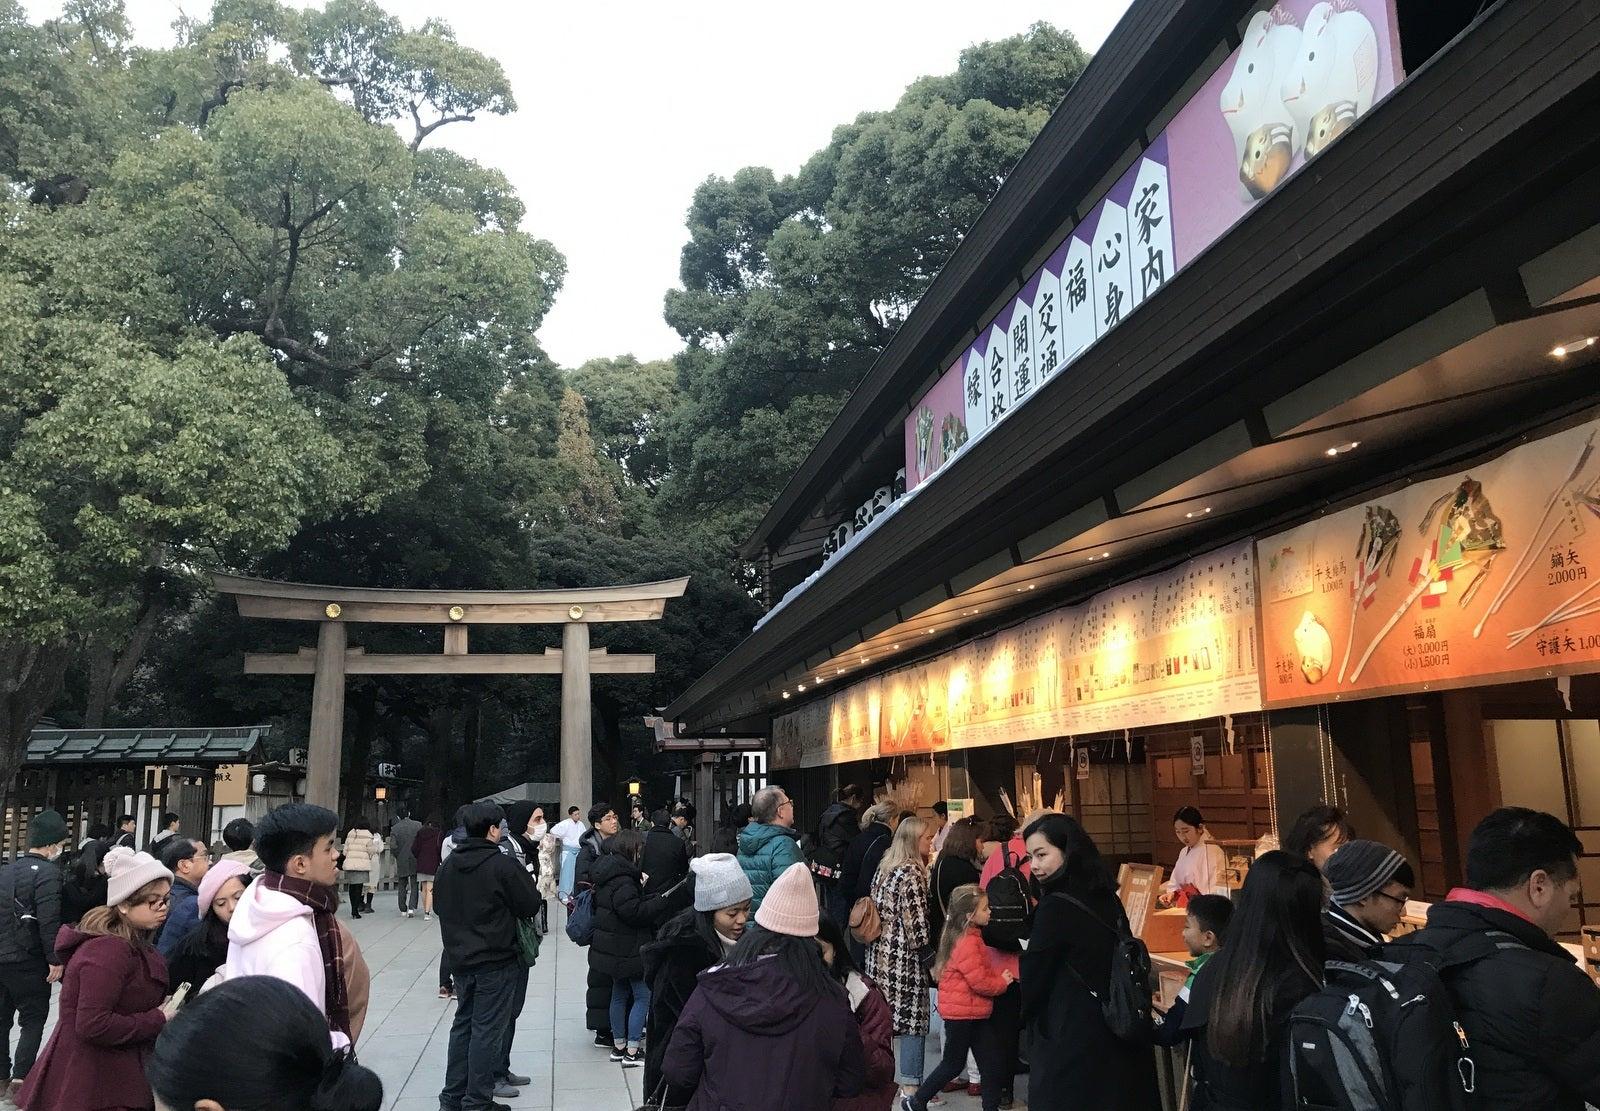 ムーちゃんワールド明治神宮に年末詣で(すいてるよ!)